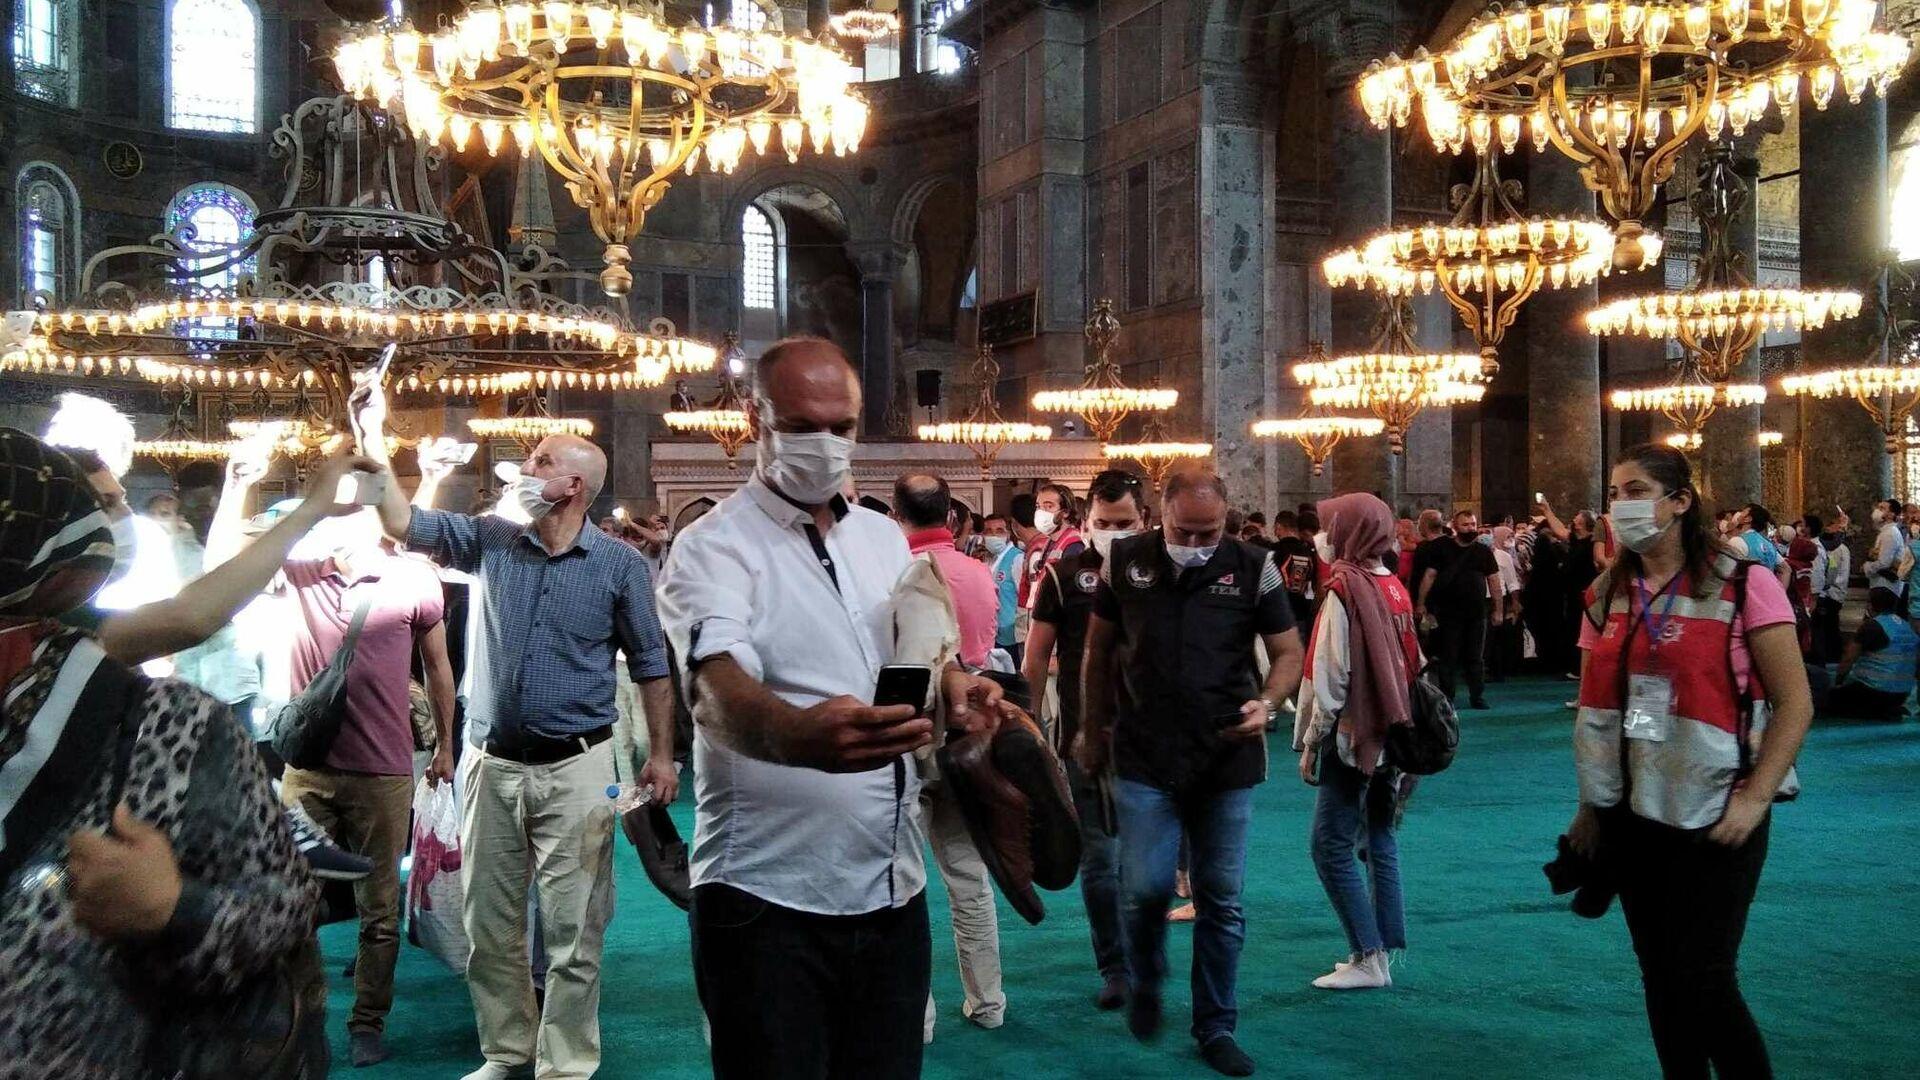 Верующие в мечети Айя-София (собор Святой Софии) в Стамбуле - РИА Новости, 1920, 07.09.2020